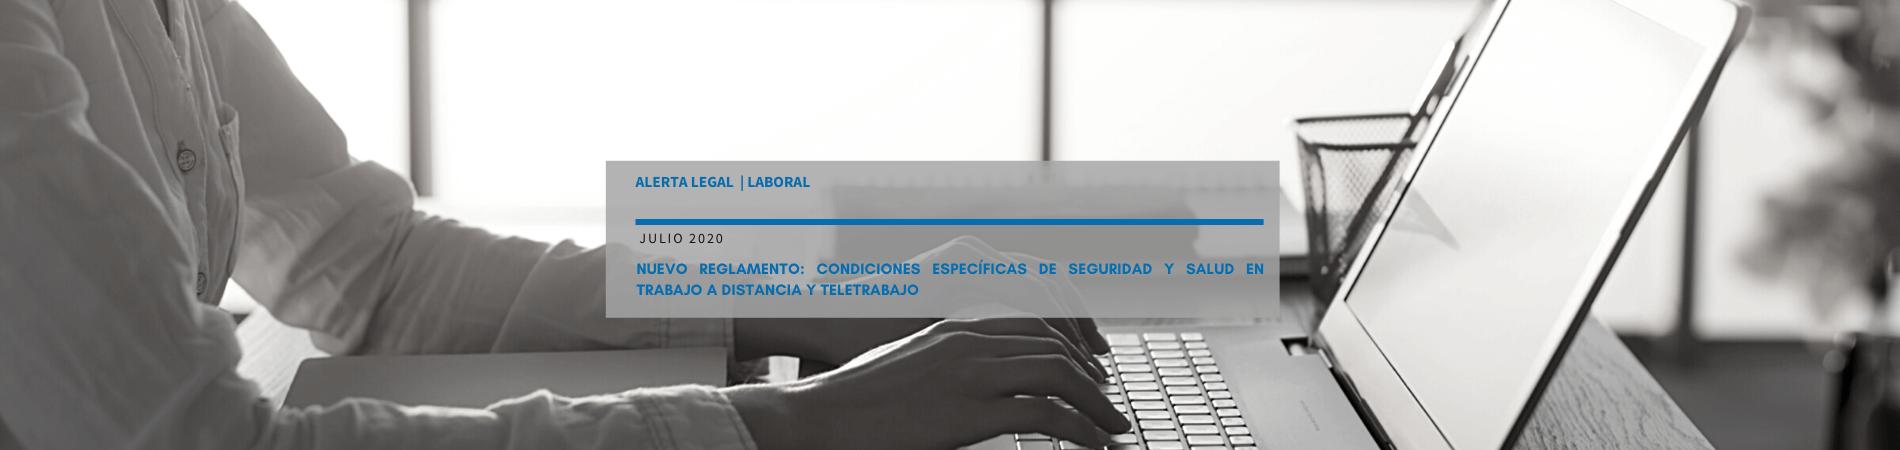 Alerta Legal Laboral | Nuevo Reglamento: Condiciones Específicas de Seguridad y Salud en Trabajo a Distancia y Teletrabajo